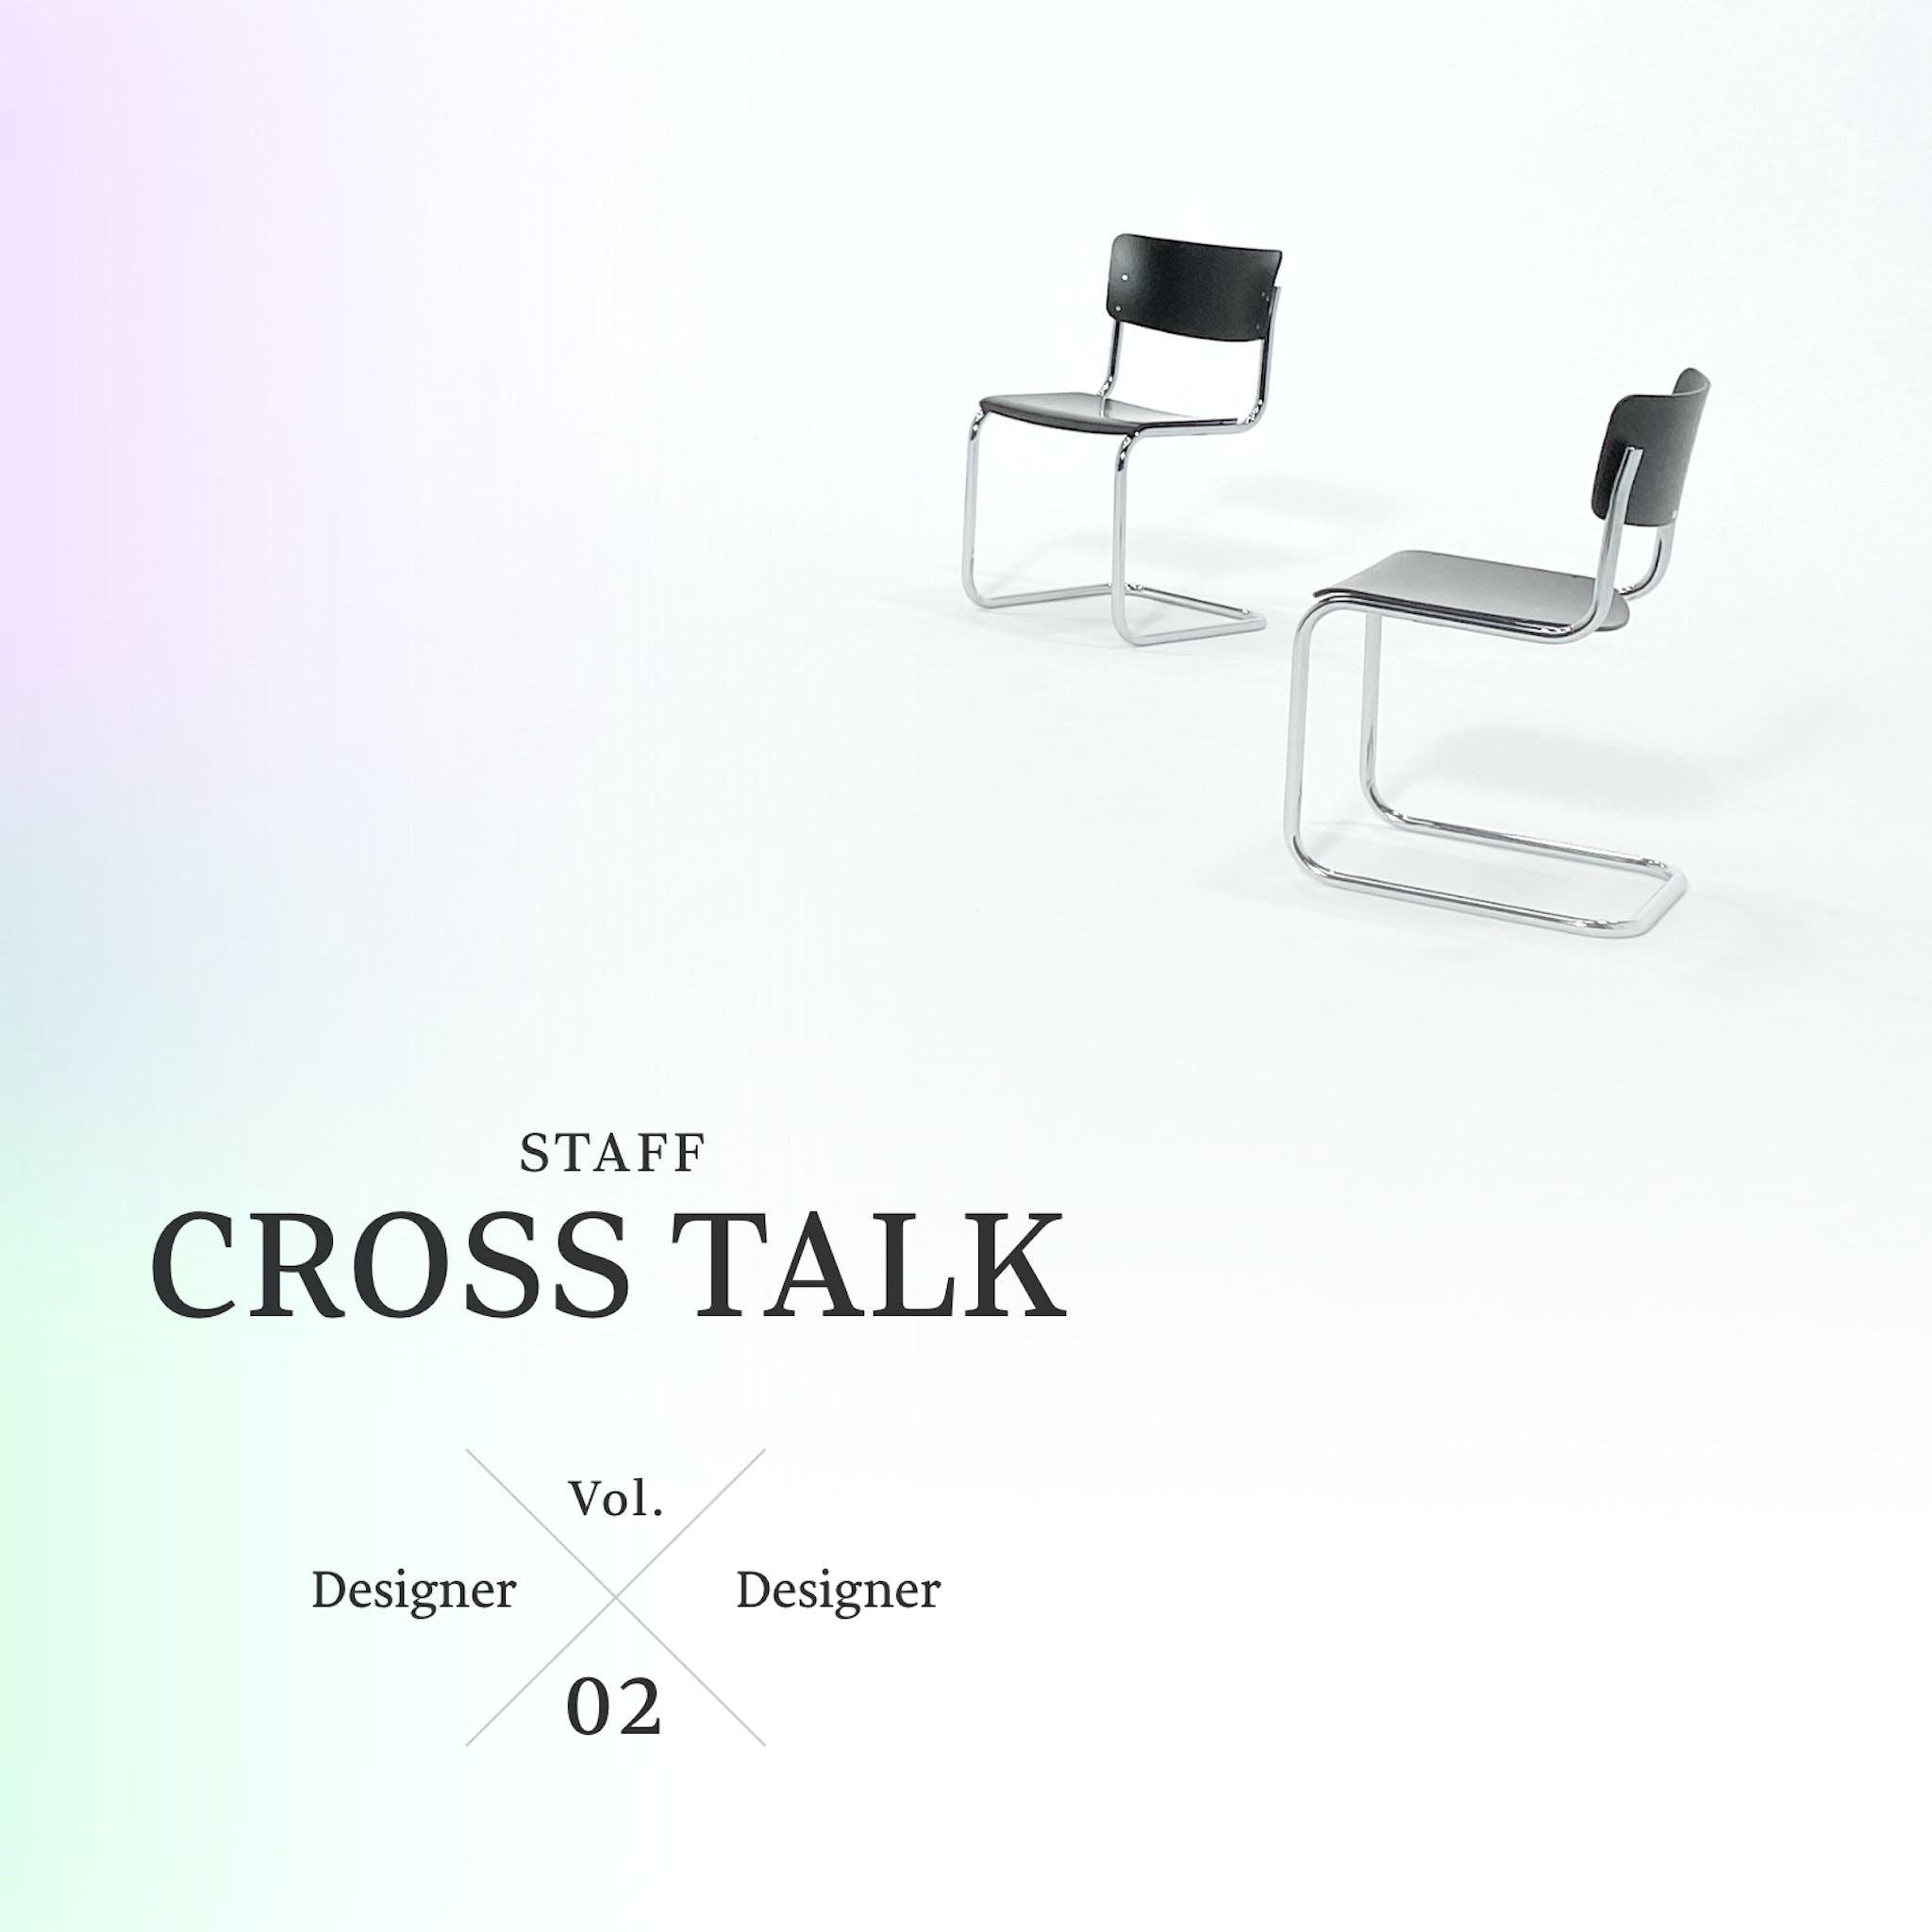 スタッフクロストーク Vol.02/Webデザイナー×Webデザイナー